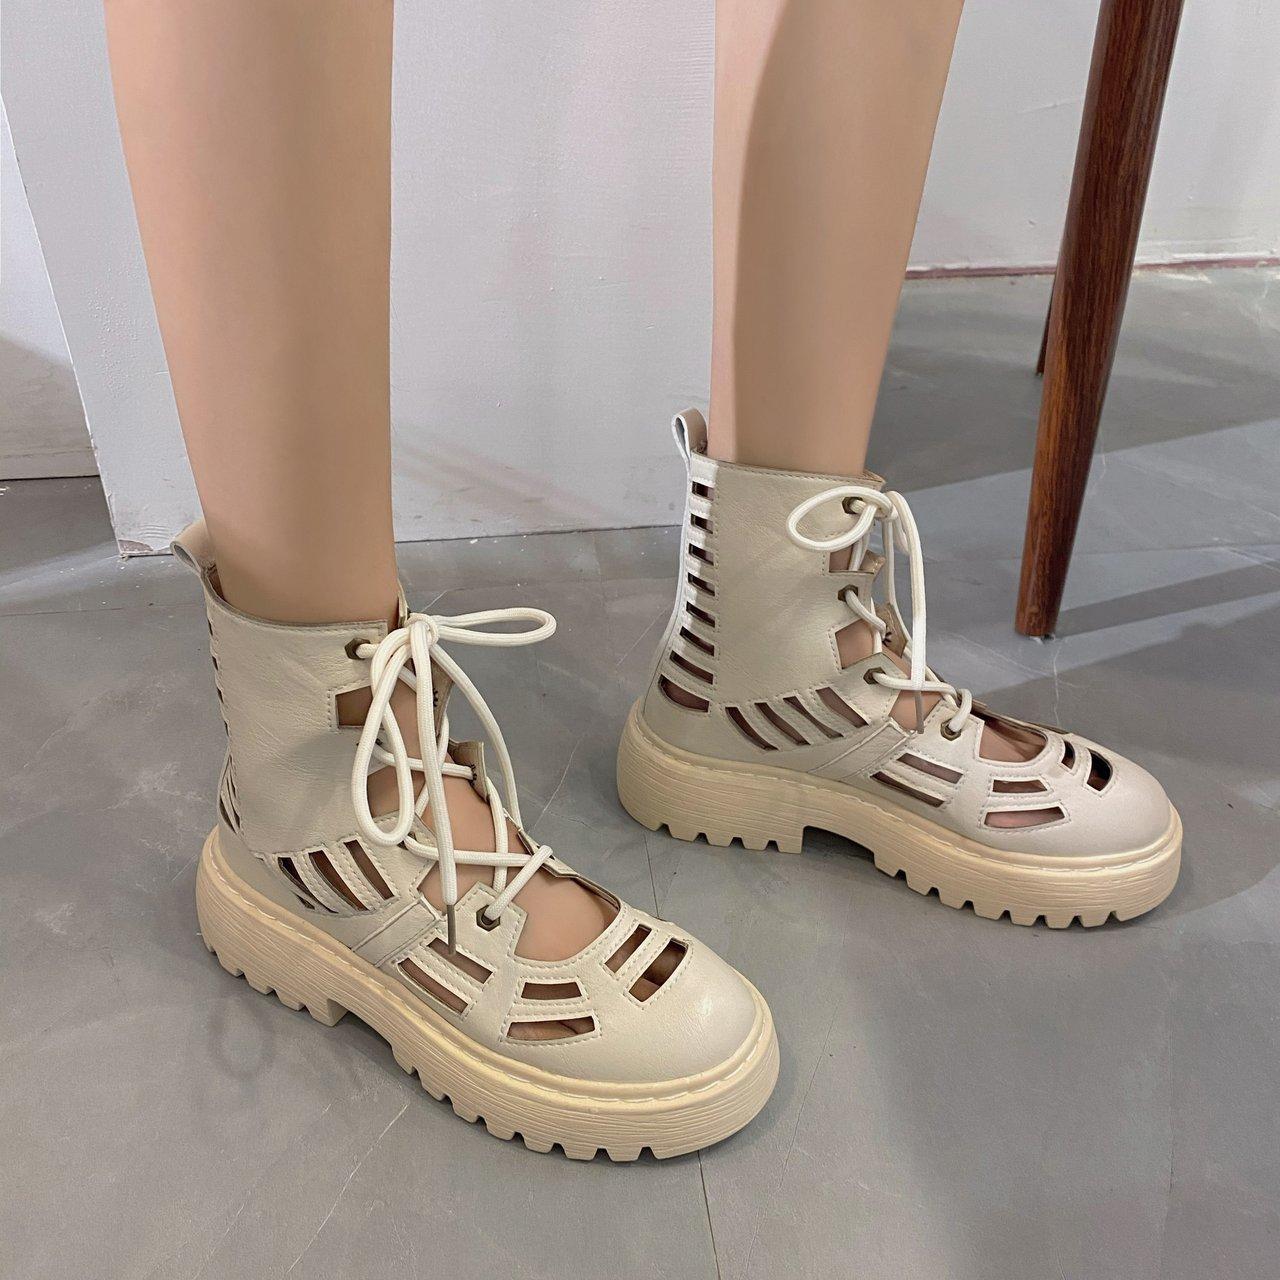 2020新款<span style='color:red'>女</span>靴夏款镂空马丁靴<span style='color:red'>女</span>夏季透气时尚厚底薄款短靴夏天凉<span style='color:red'>鞋</span>